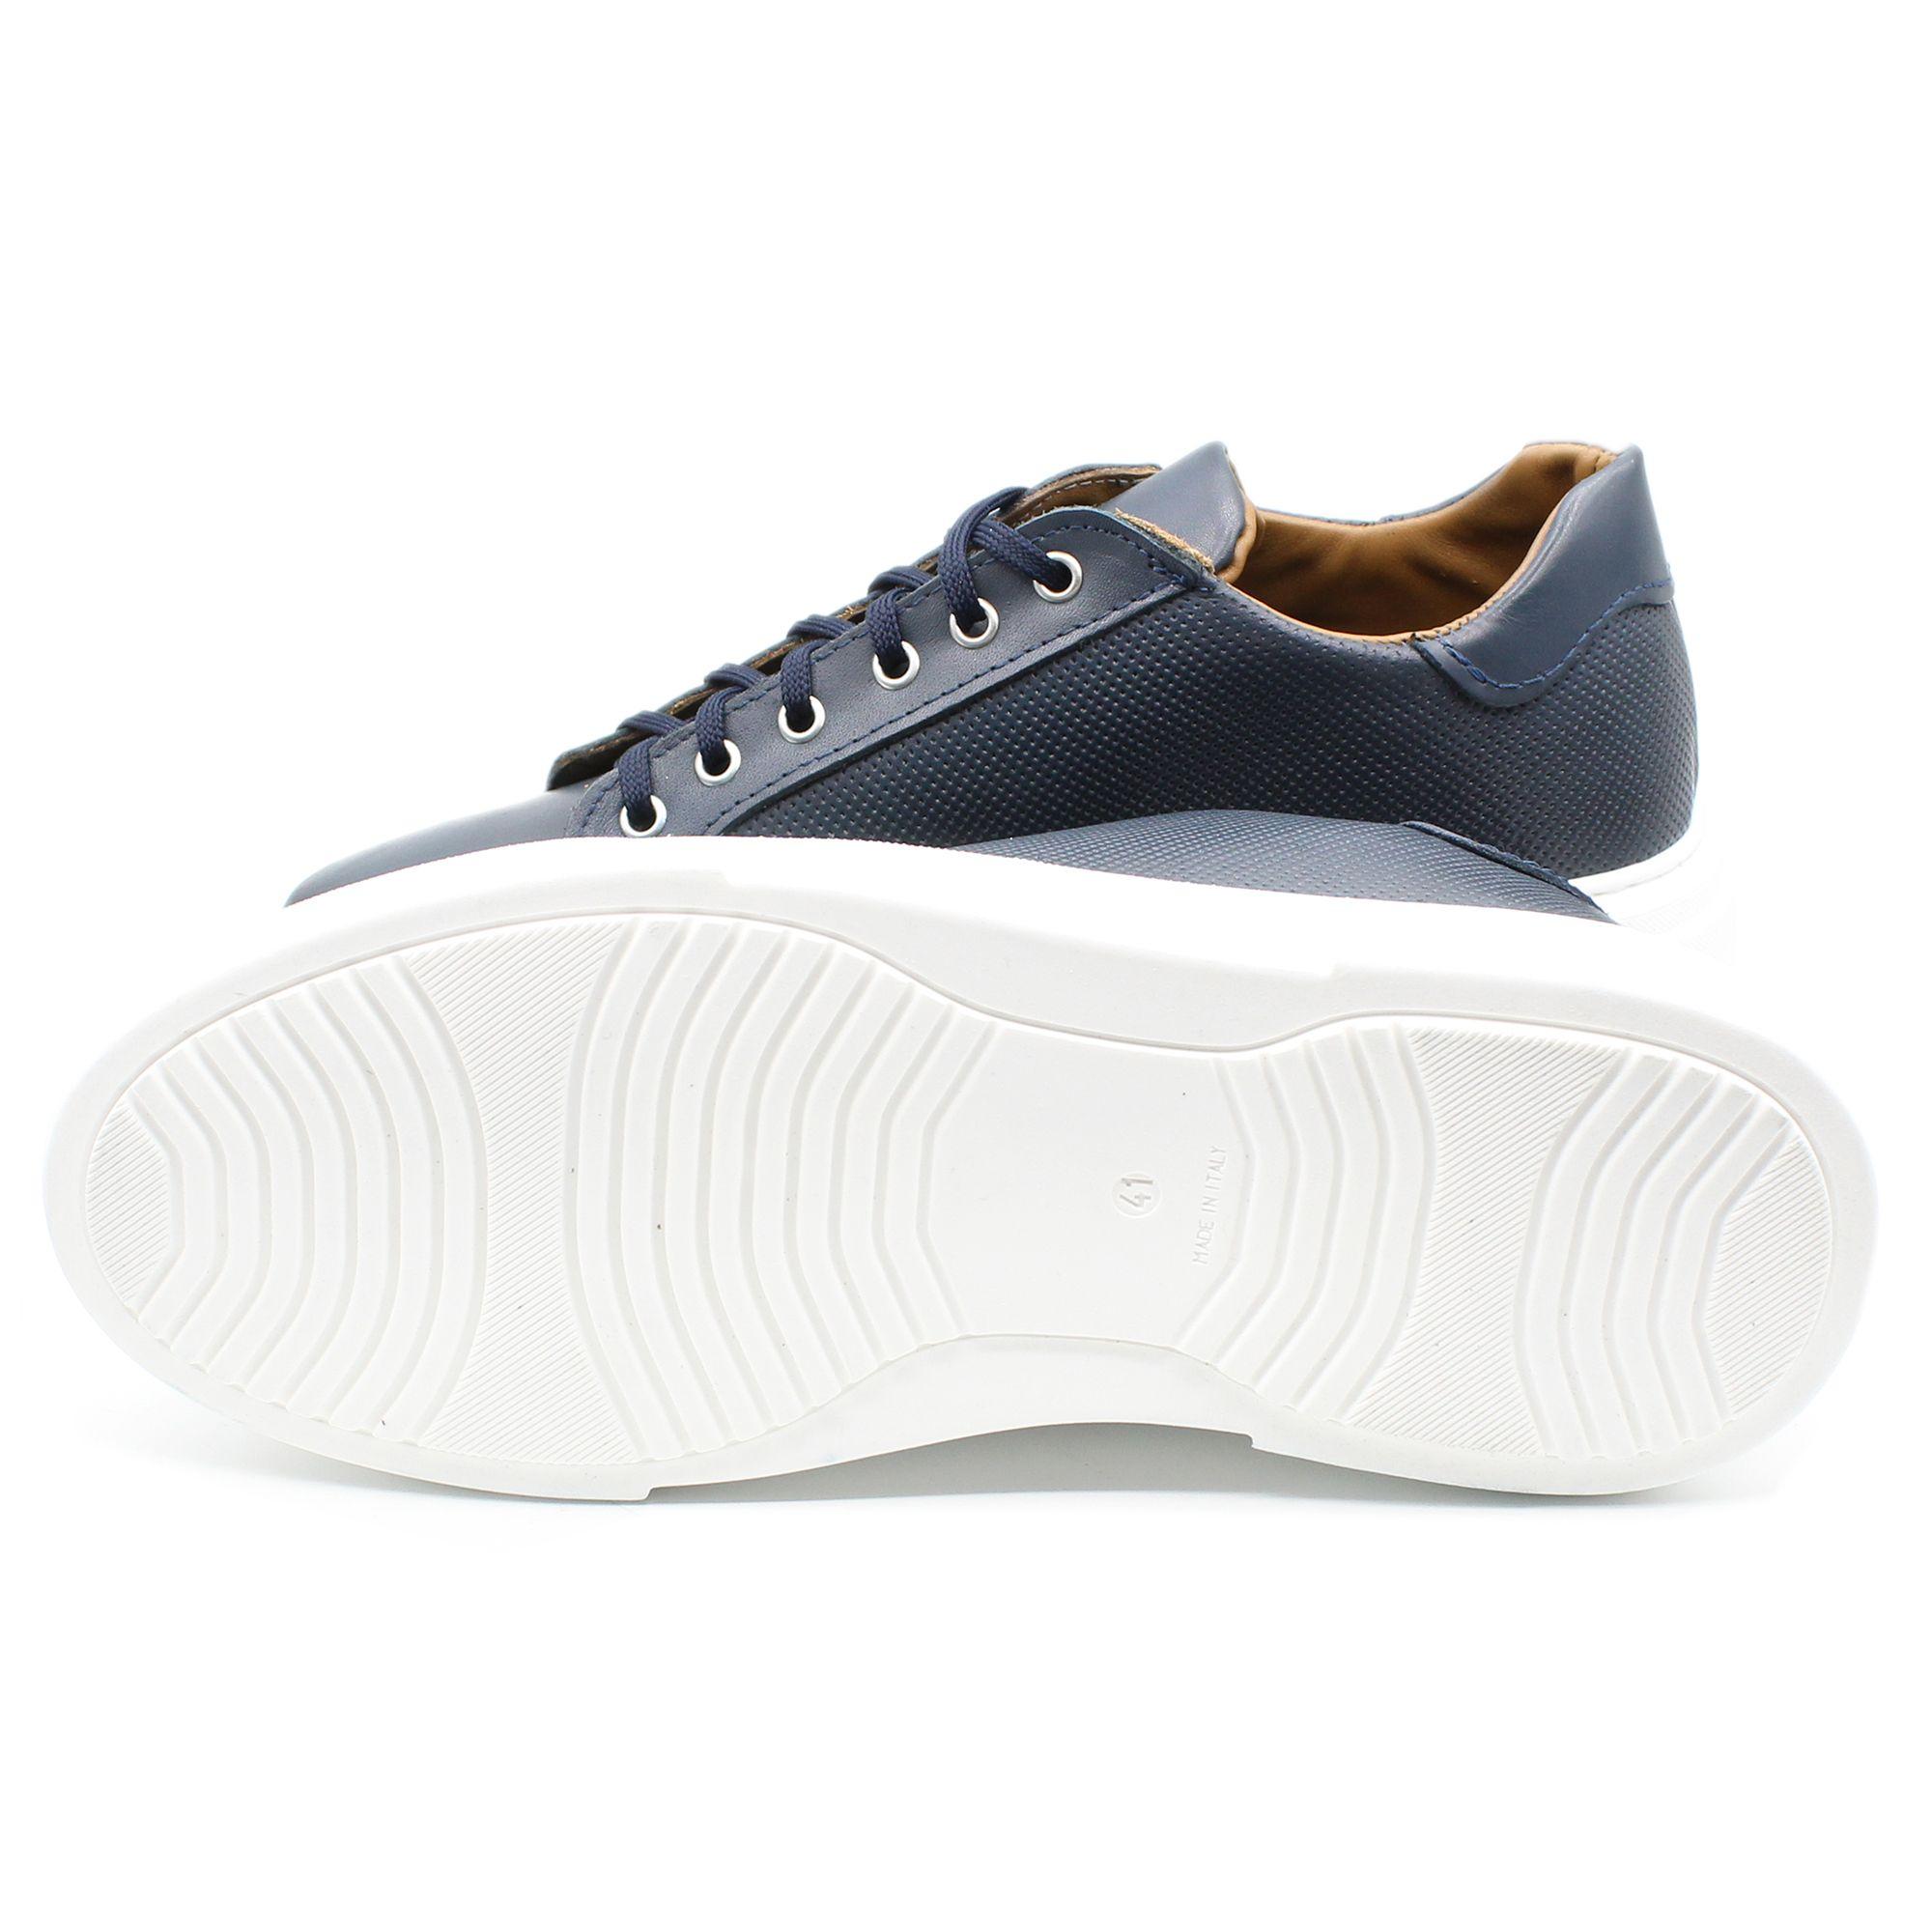 miniatura 6 - Sneakers-Uomo-in-Pelle-Basse-Nere-Blu-Scarpe-da-Ginnastica-Sportive-Eleganti